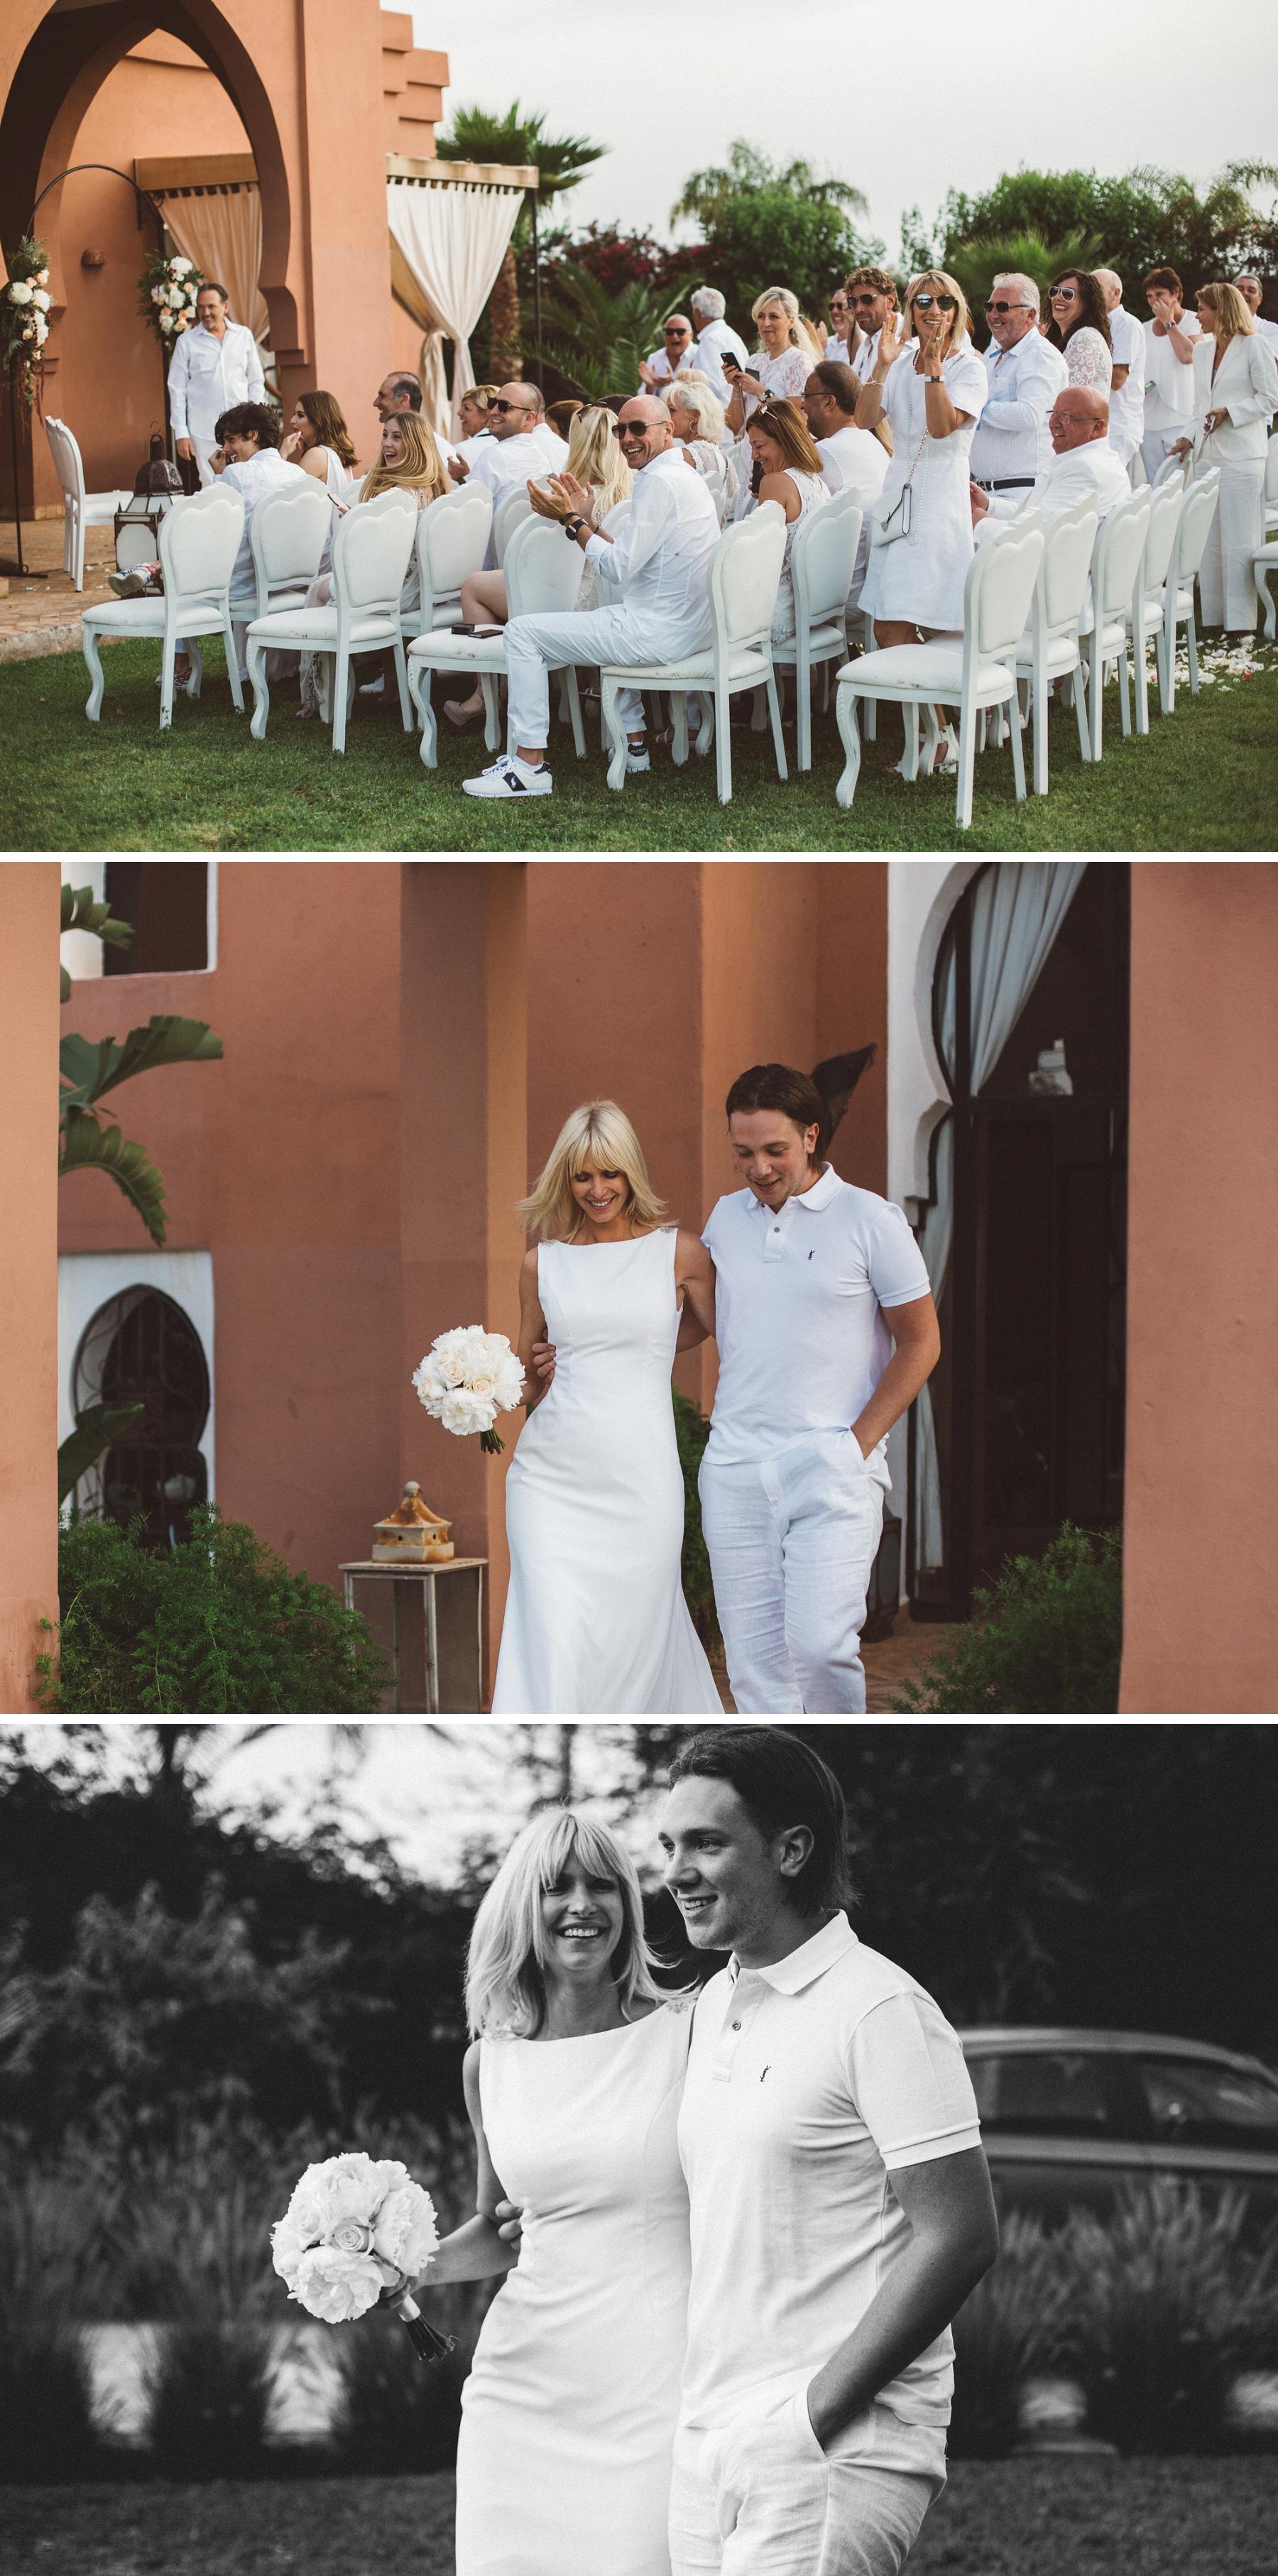 mariage-riad-marrakech-20.jpg